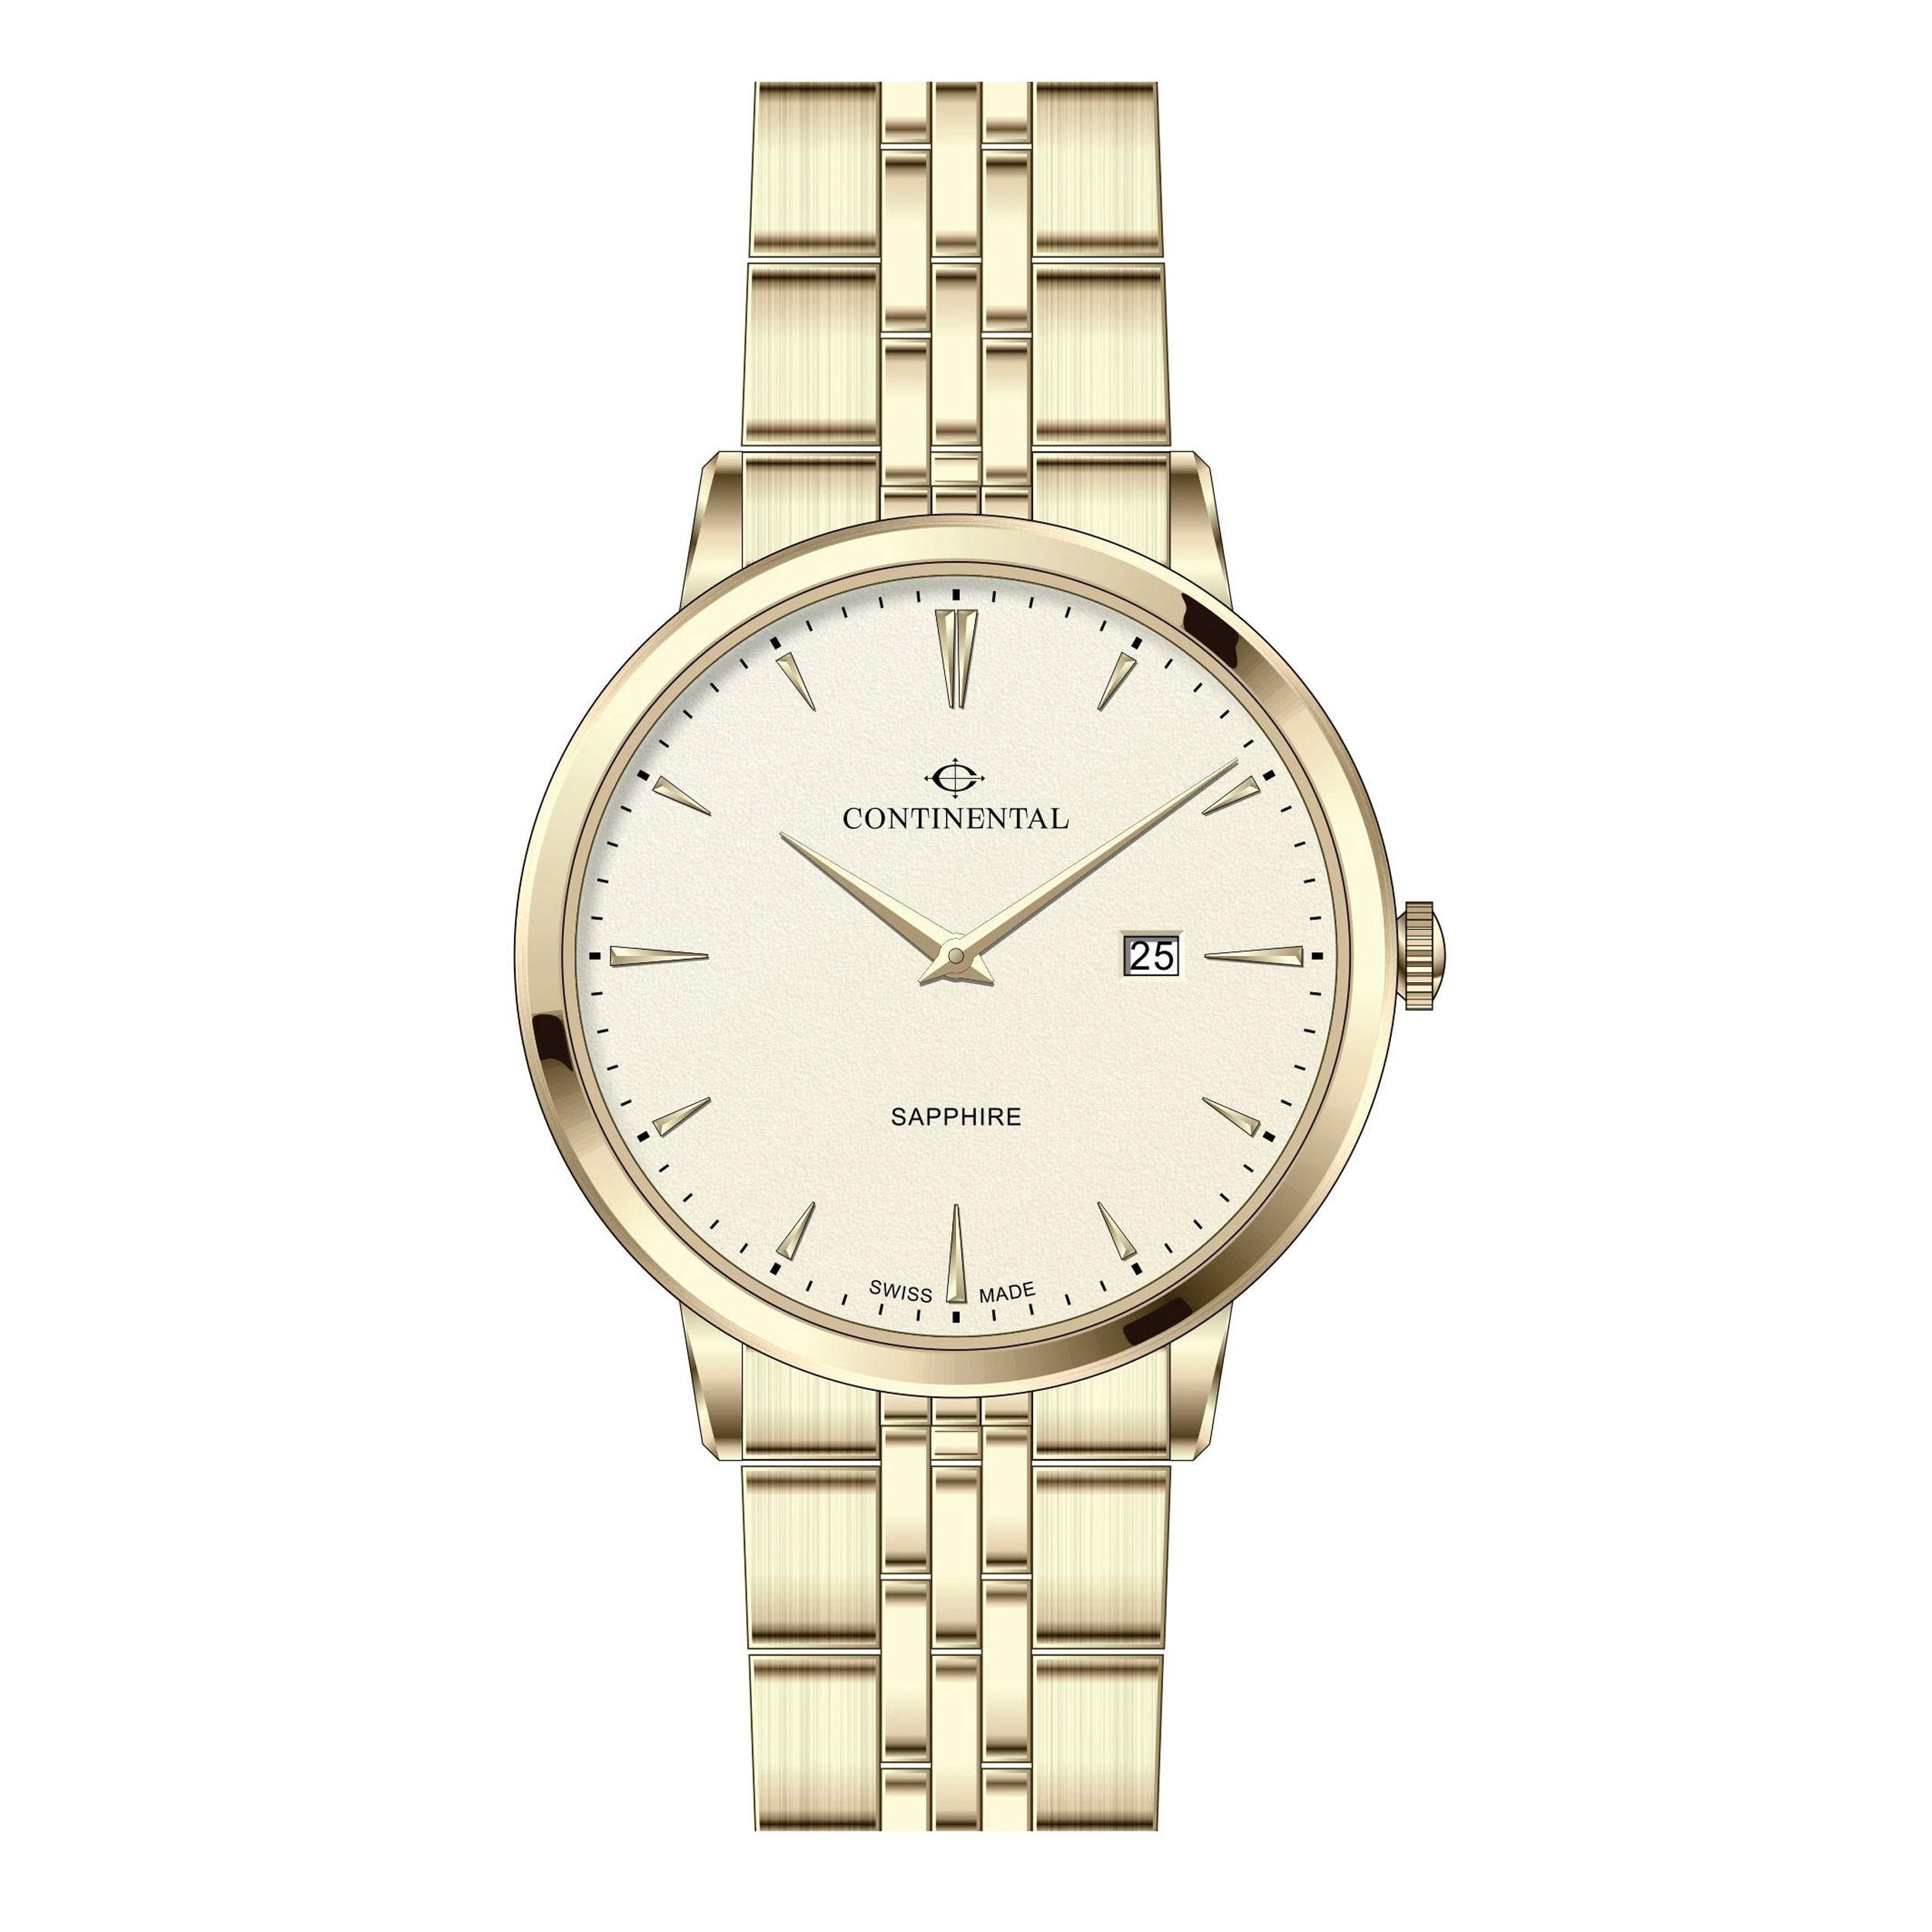 ساعت مچی عقربه ای زنانه کنتیننتال مدل GD202230-19603